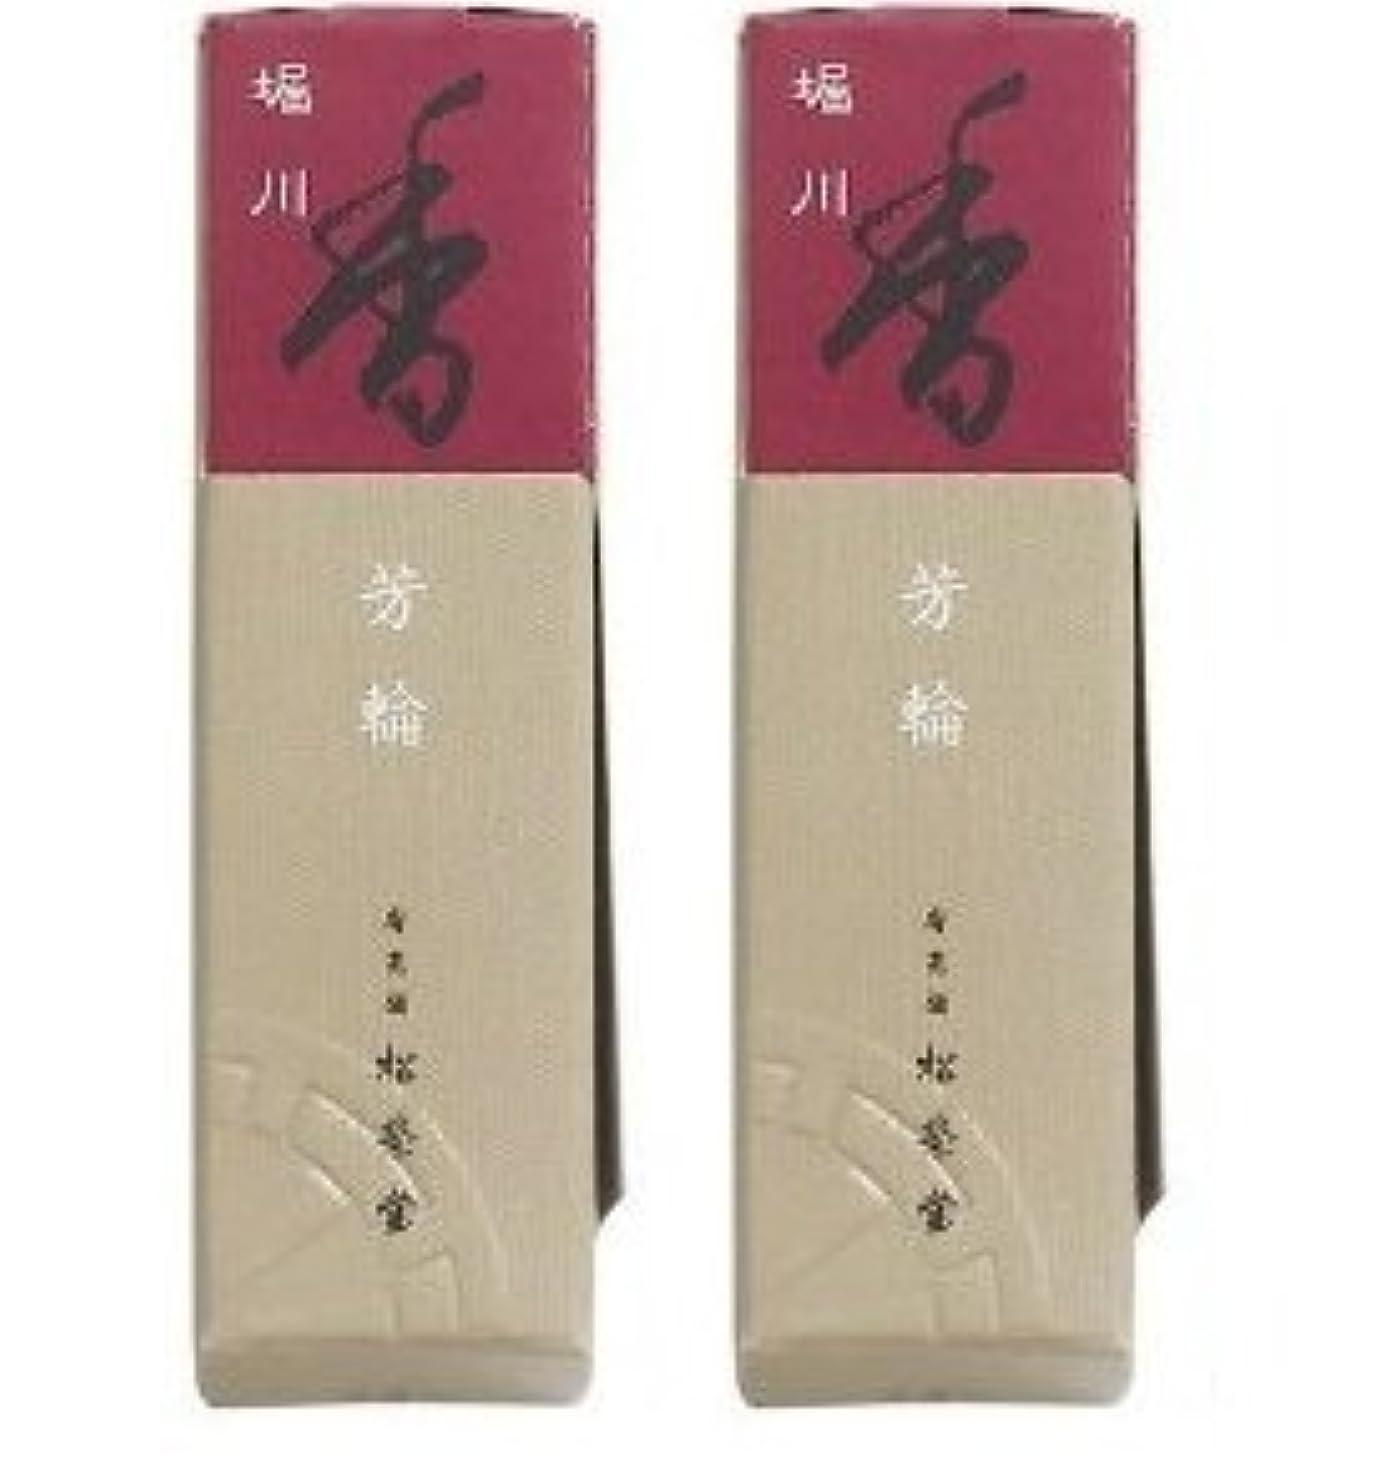 ダーリン成分雑品松栄堂 芳輪 堀川 スティック20本入 2箱セット